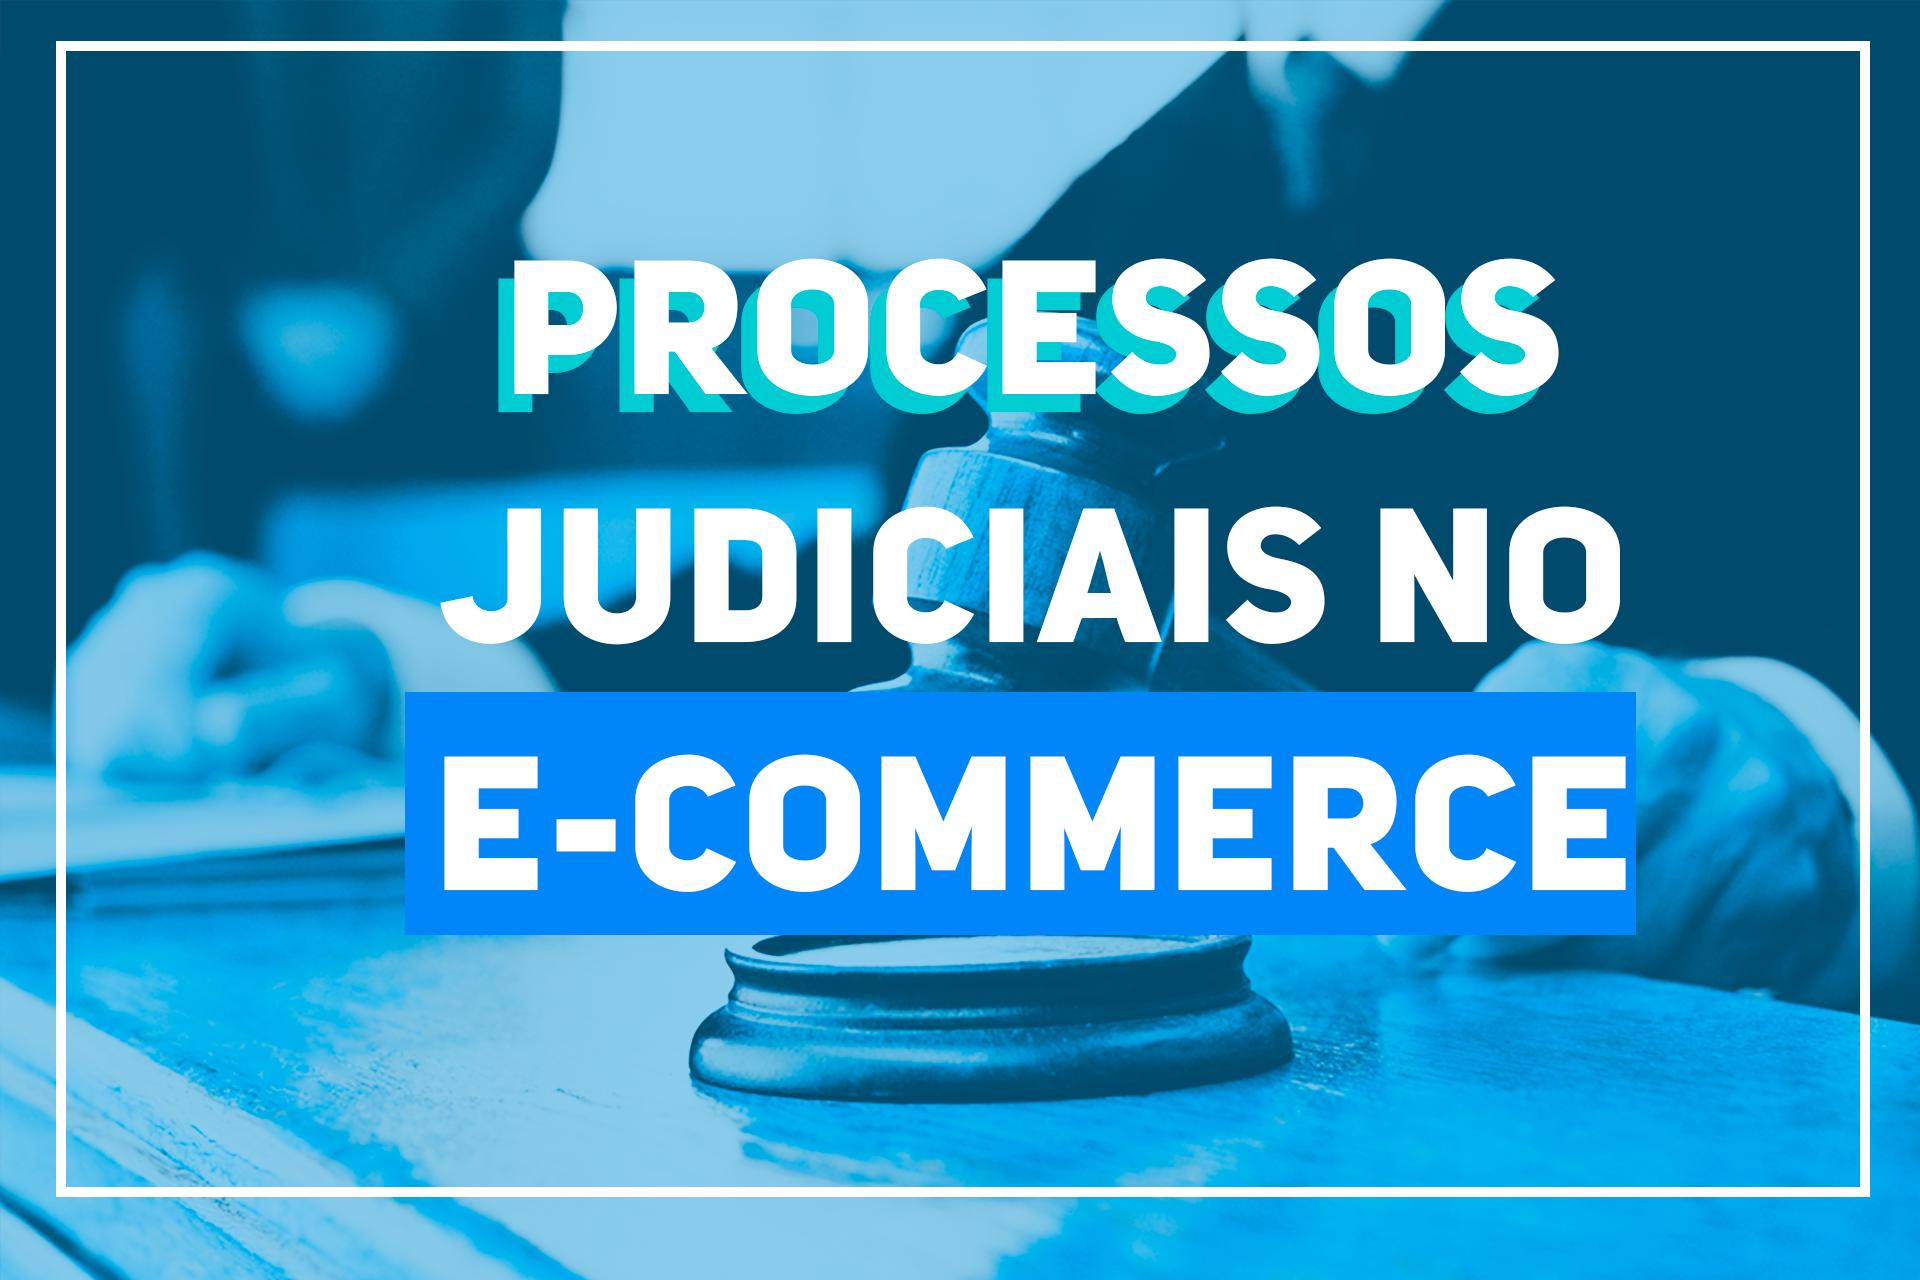 Processos Judiciais no E-commerce – Descrição Errada